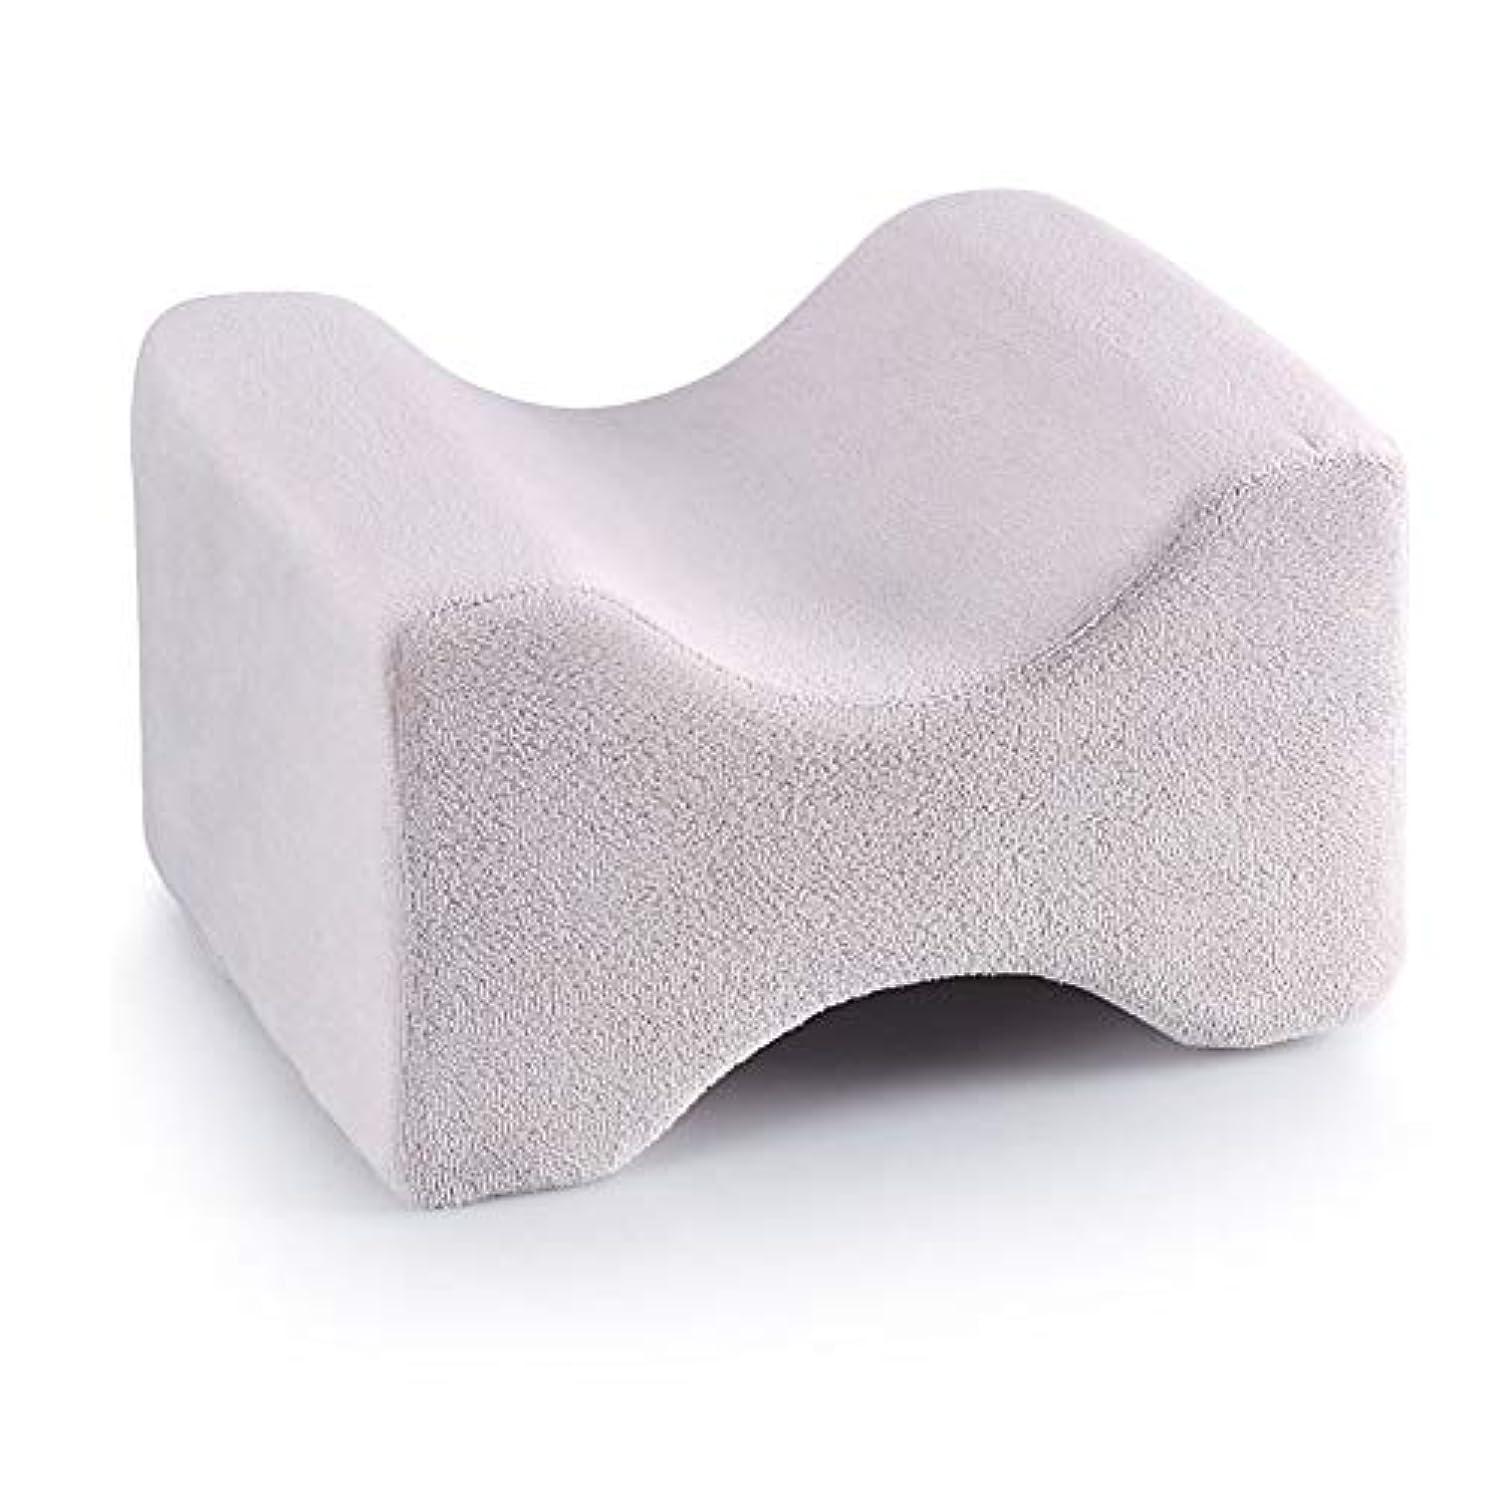 決定するエレベーター踏みつけ3パック整形外科用膝枕用リリーフ、取り外し可能な洗えるカバー、低反発ウェッジの輪郭を促し、睡眠を促進し、血液循環を改善